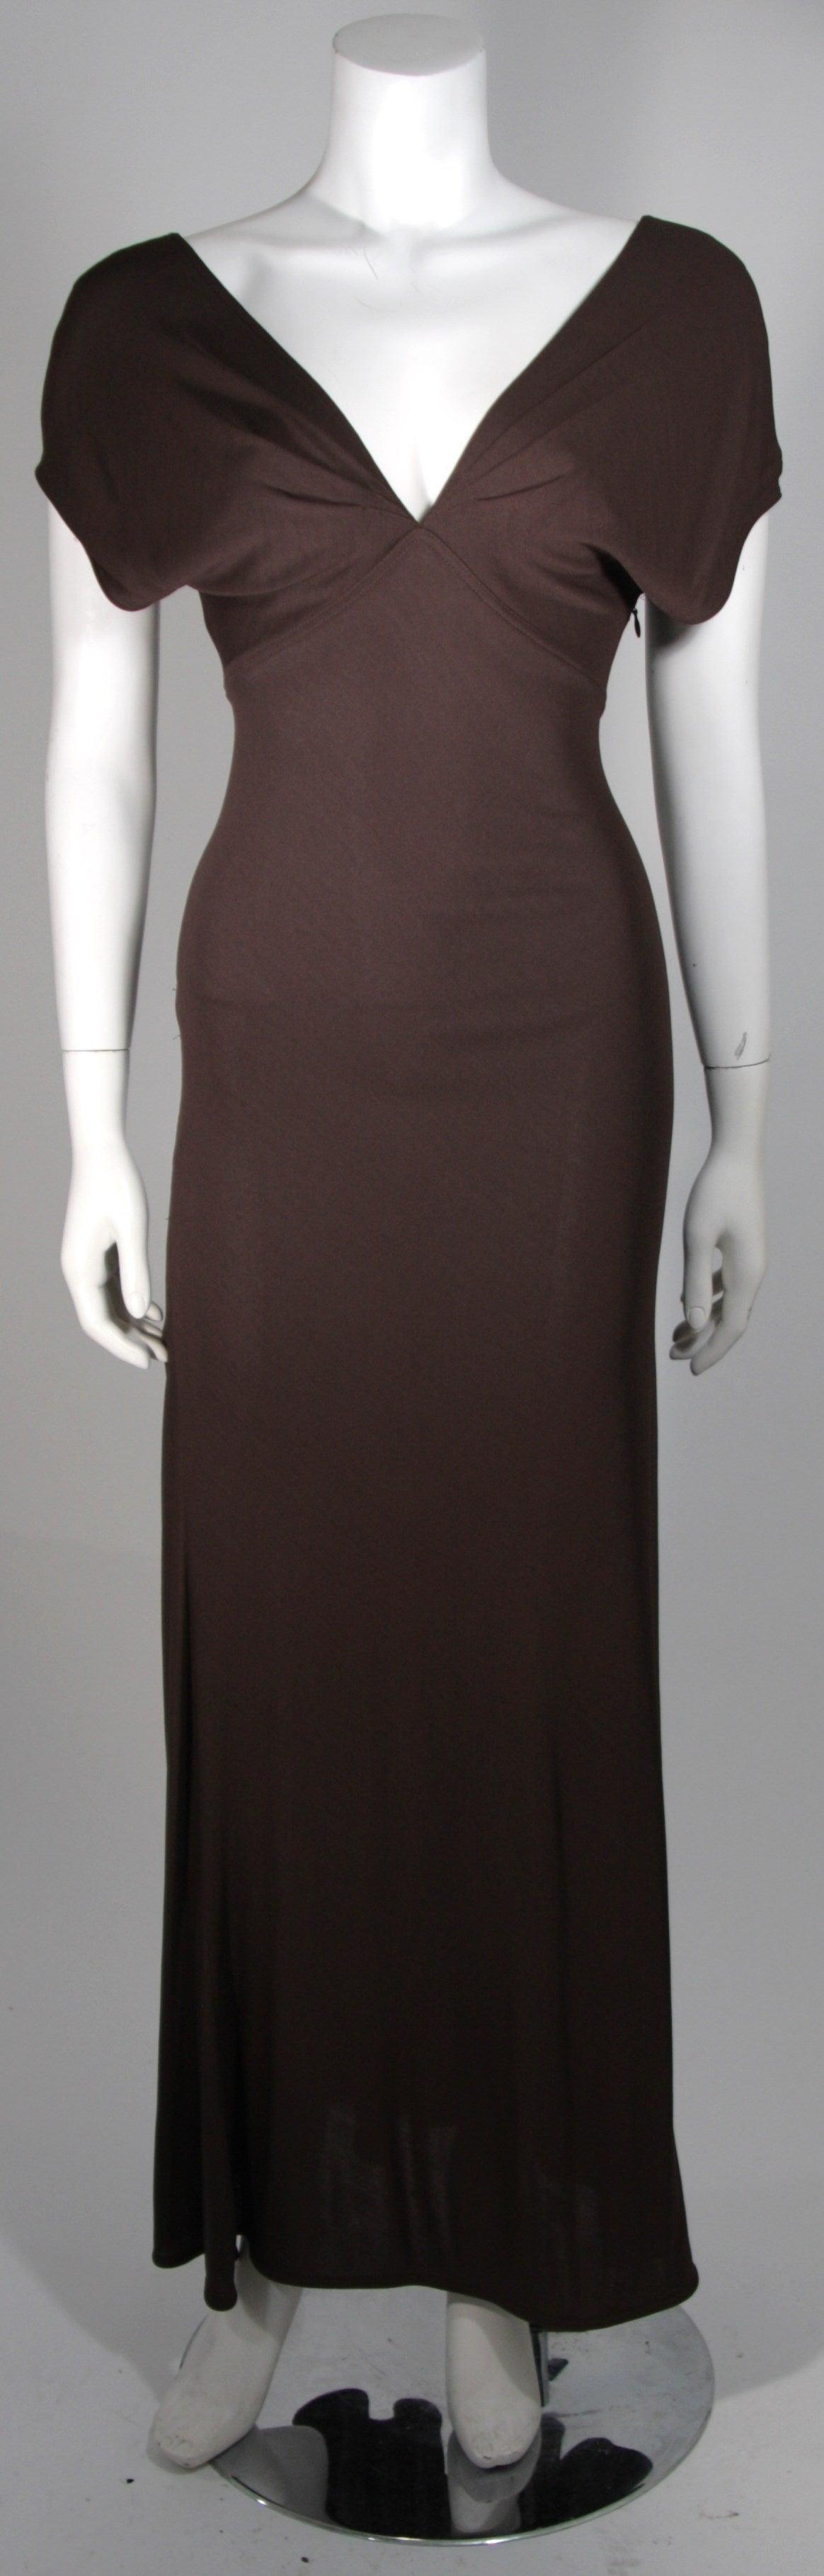 Emanuel Ungaro 1990's Brown Jersey Gown Size 8 2